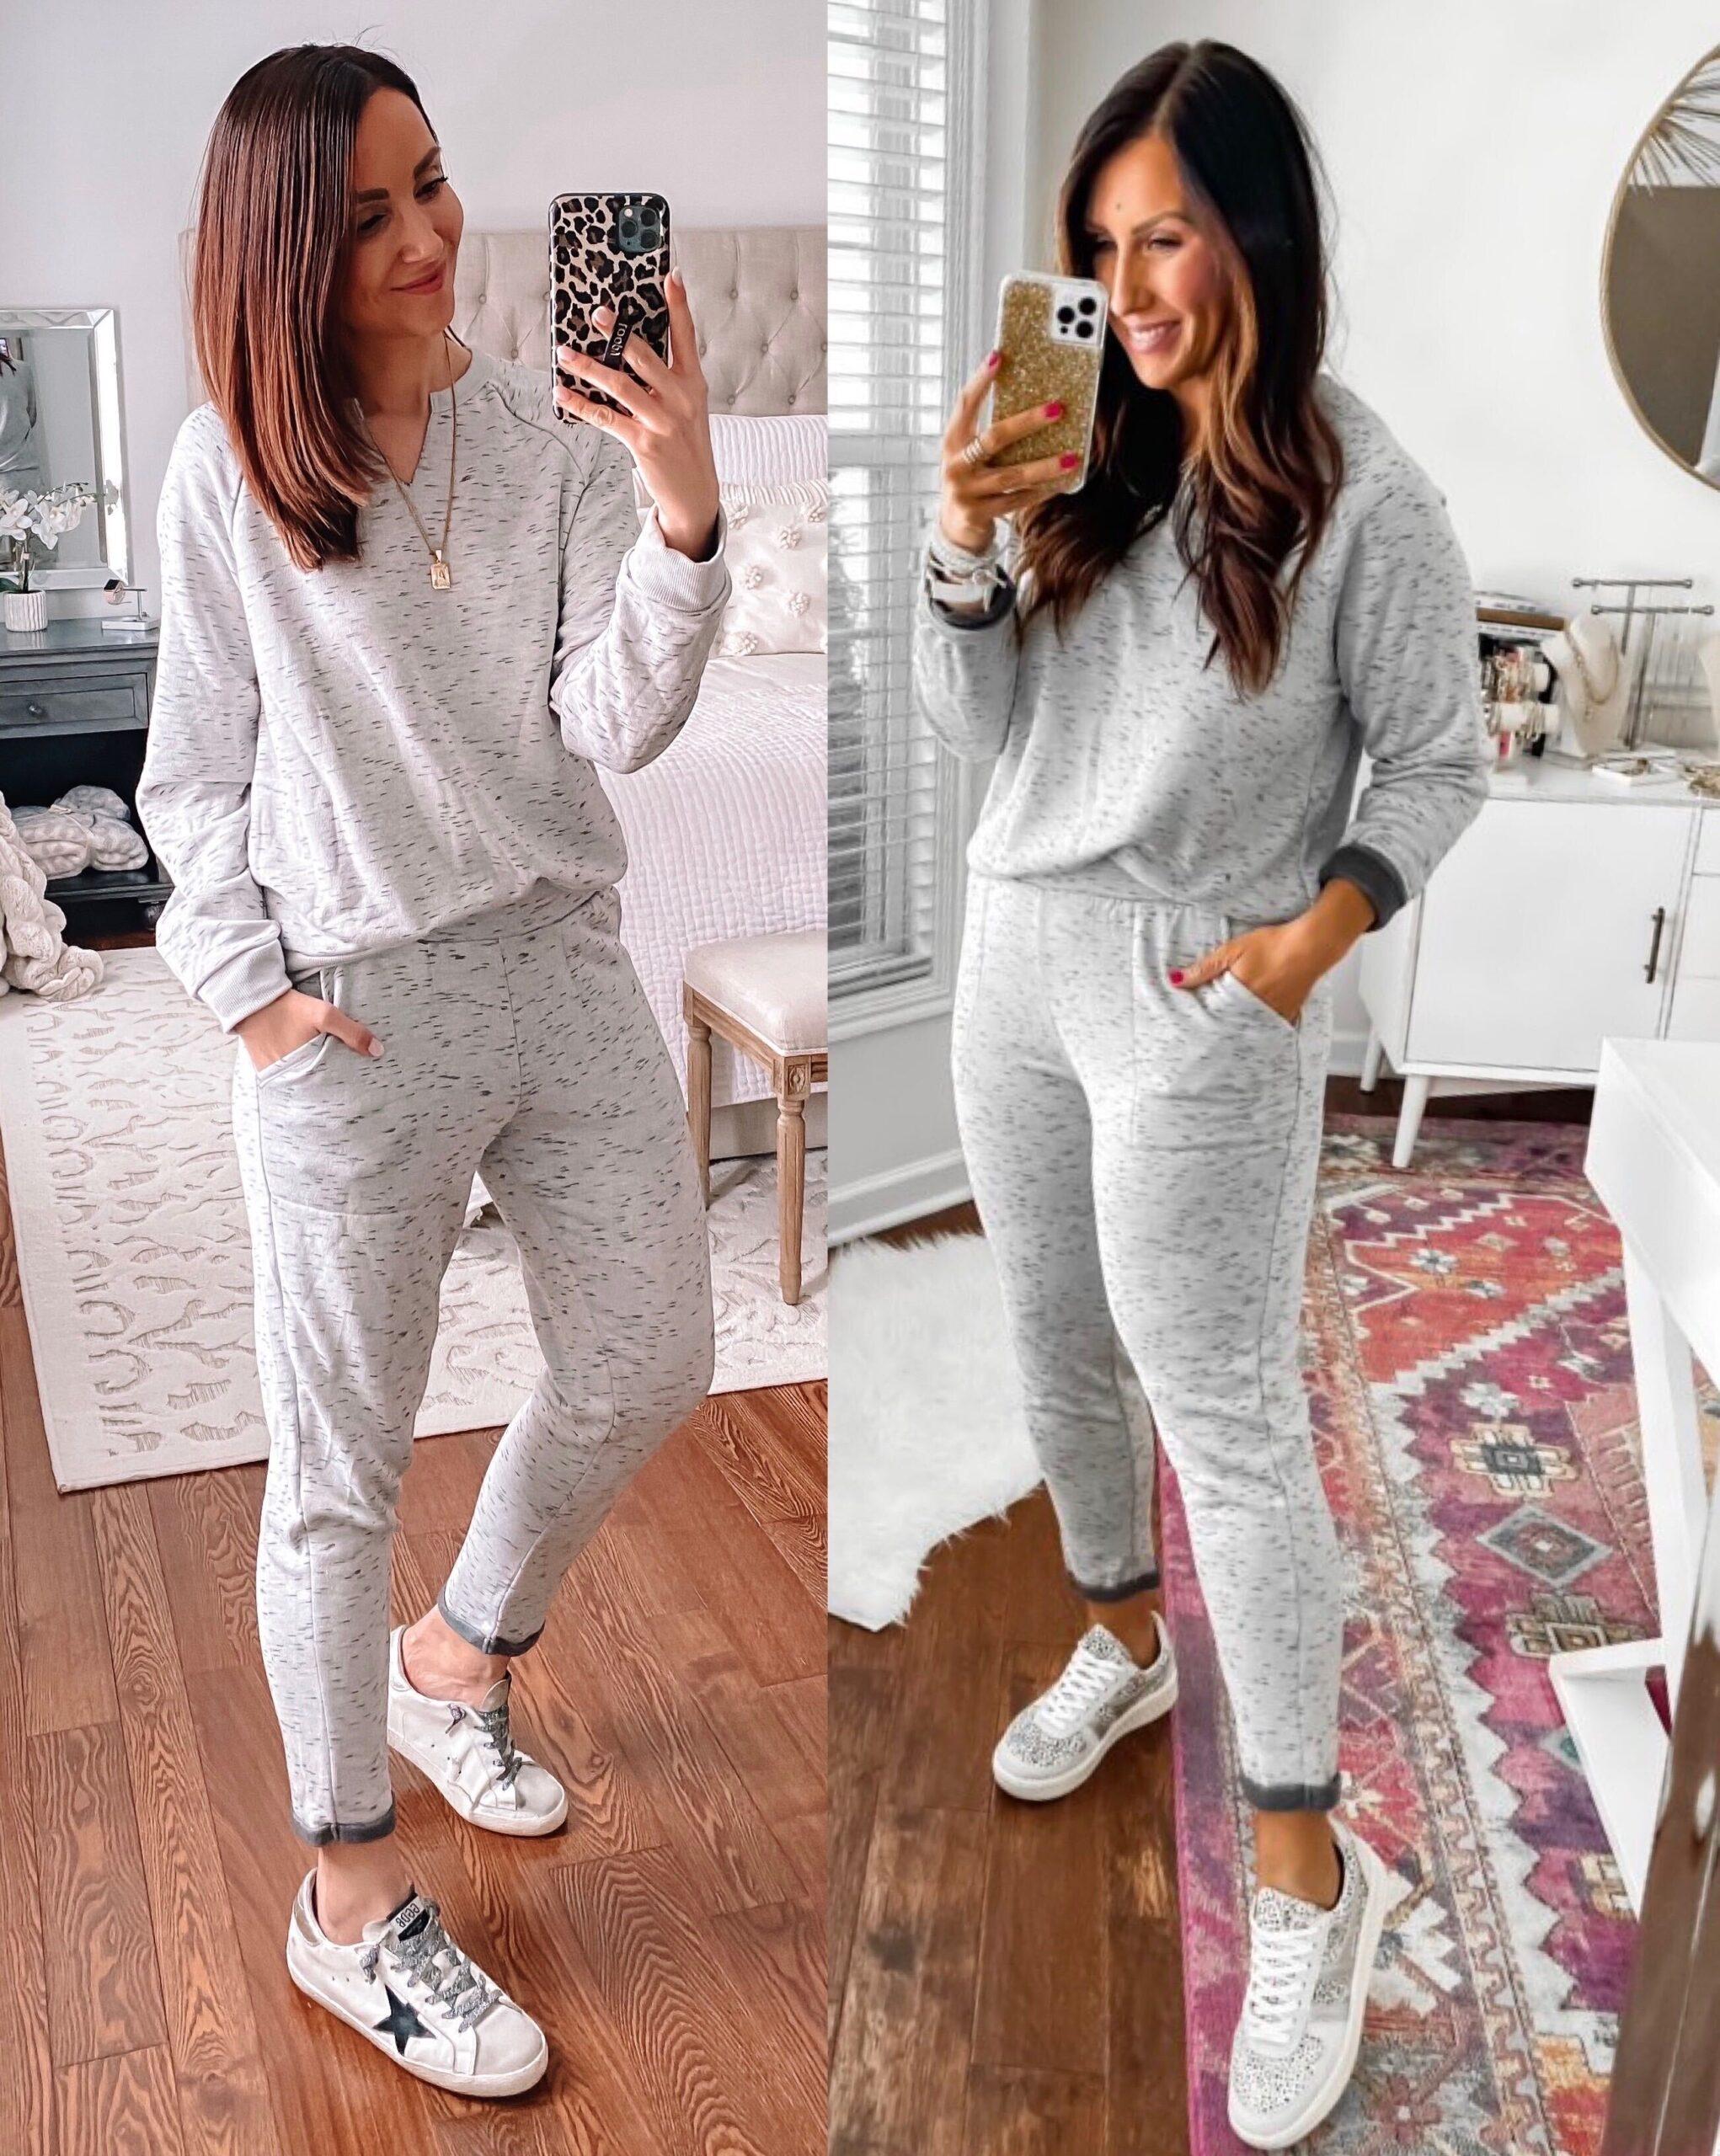 target style, target loungewear